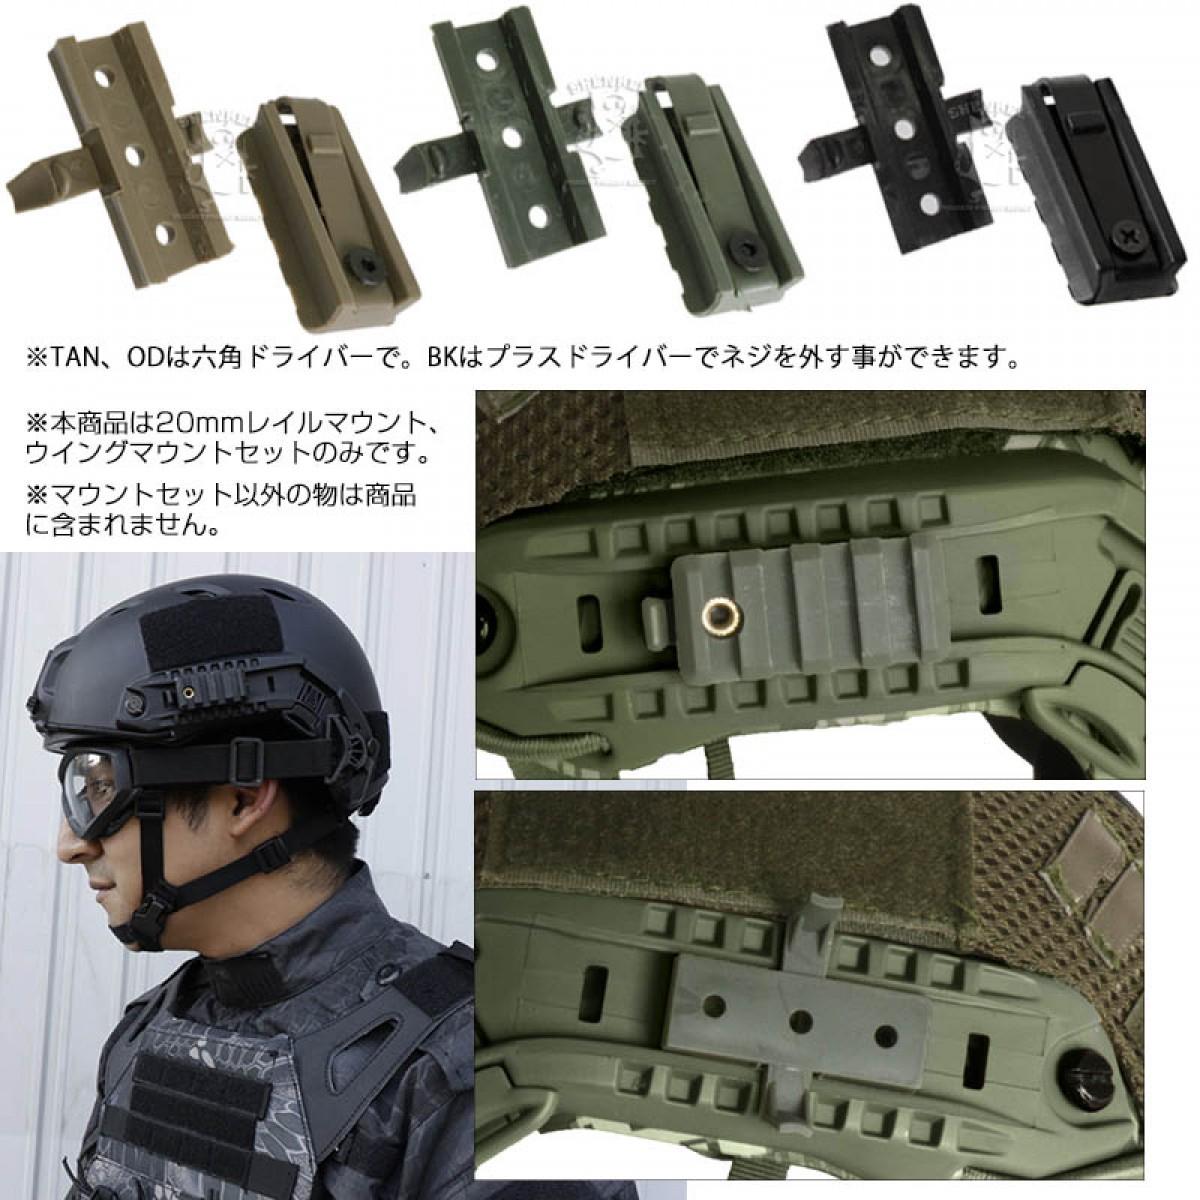 ヘルメット用 20mmレールマウント&ウィングマウント サイドレイル マウントセット